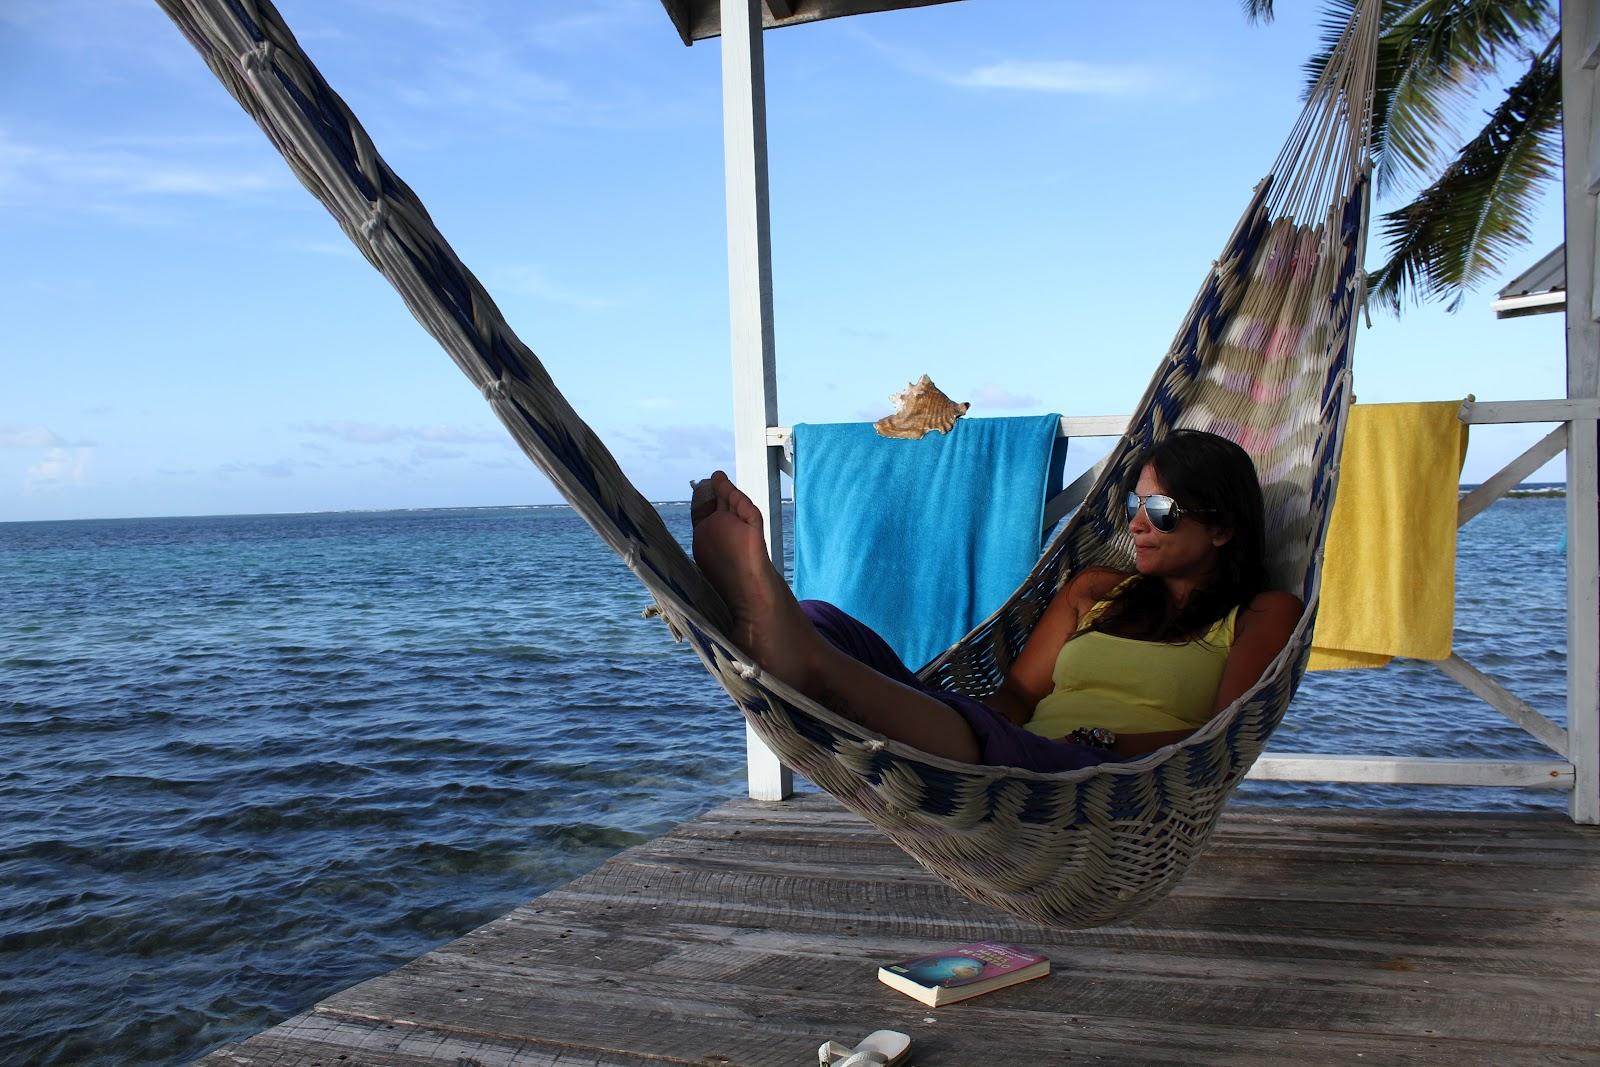 As praias e recifes paradisíacos de TOBACCO CAYE - Um atol no mar das Caraíbas | Belize